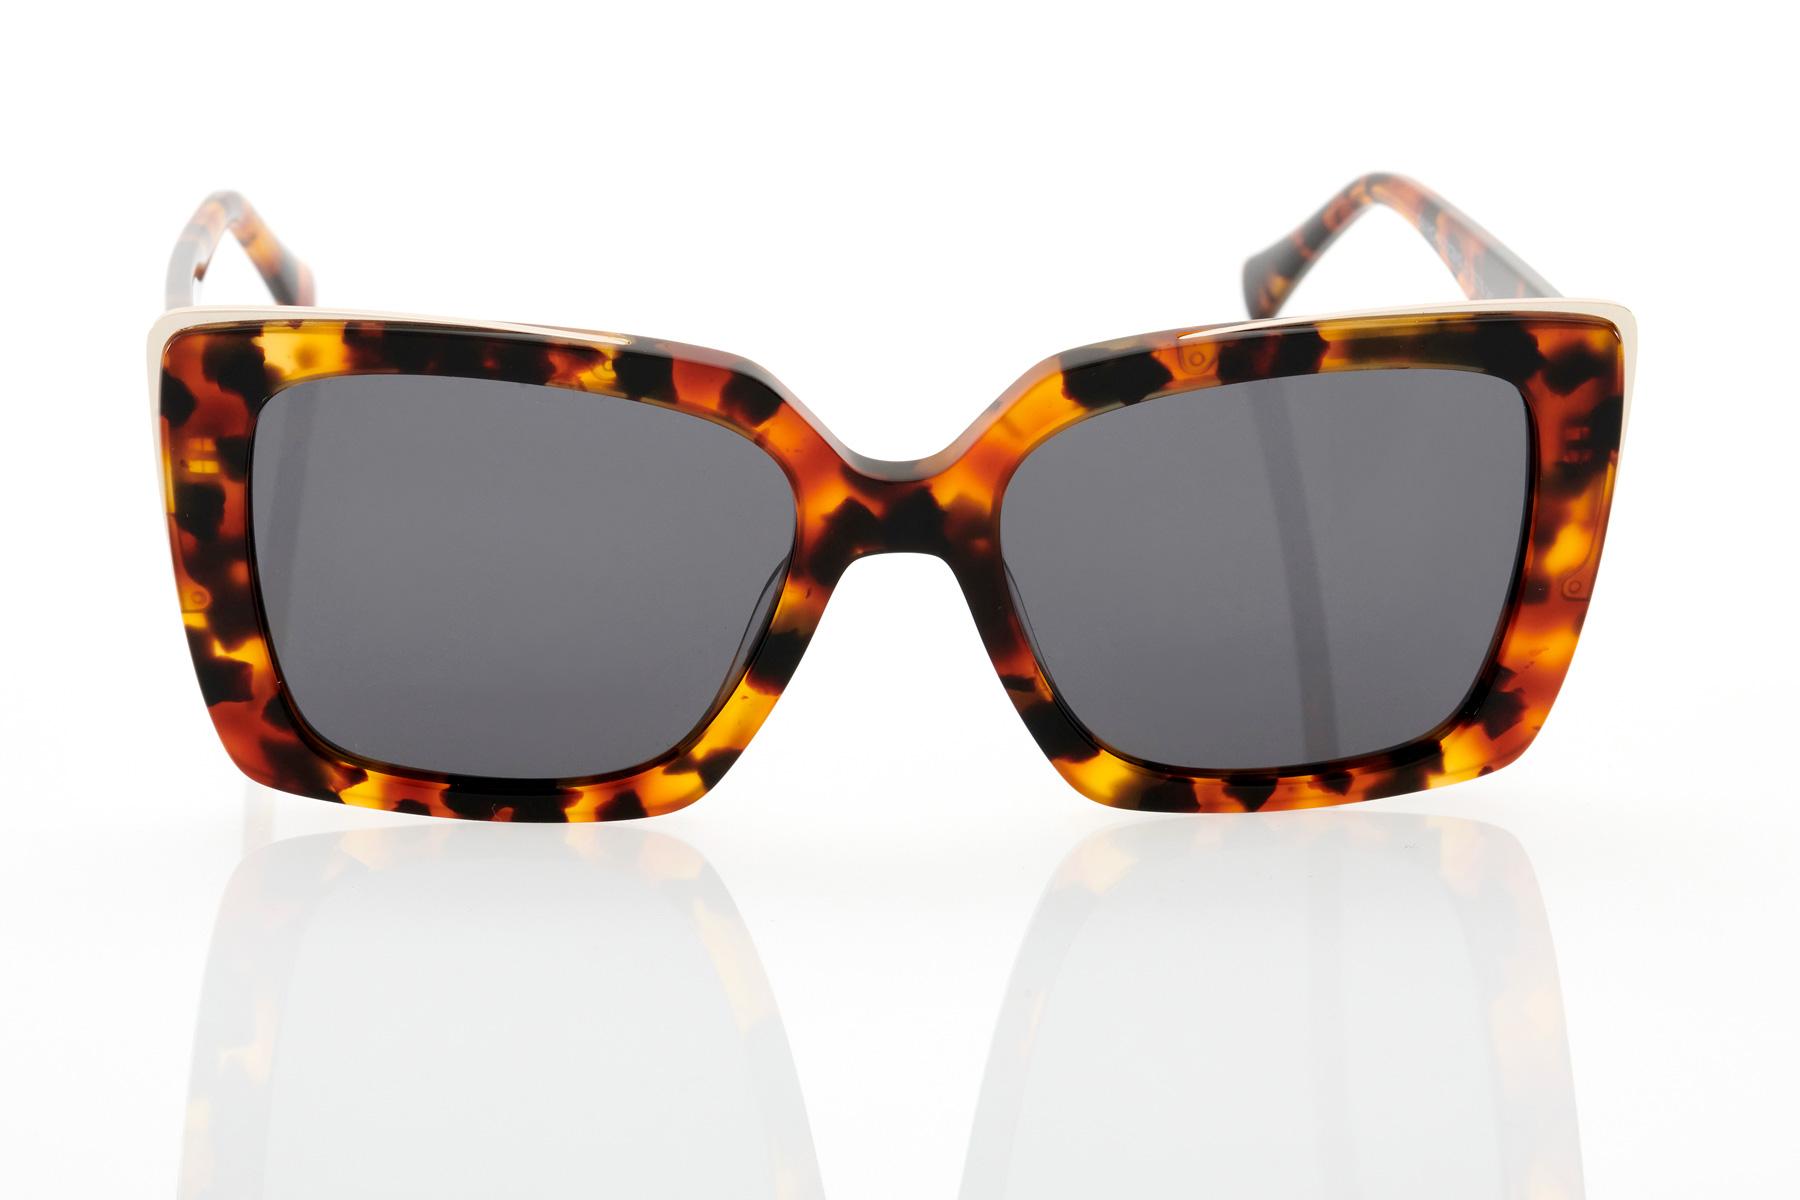 Ταρταρούγα Γυναικεία Γυαλιά Ηλίου Hawkers Chazara Tortoise